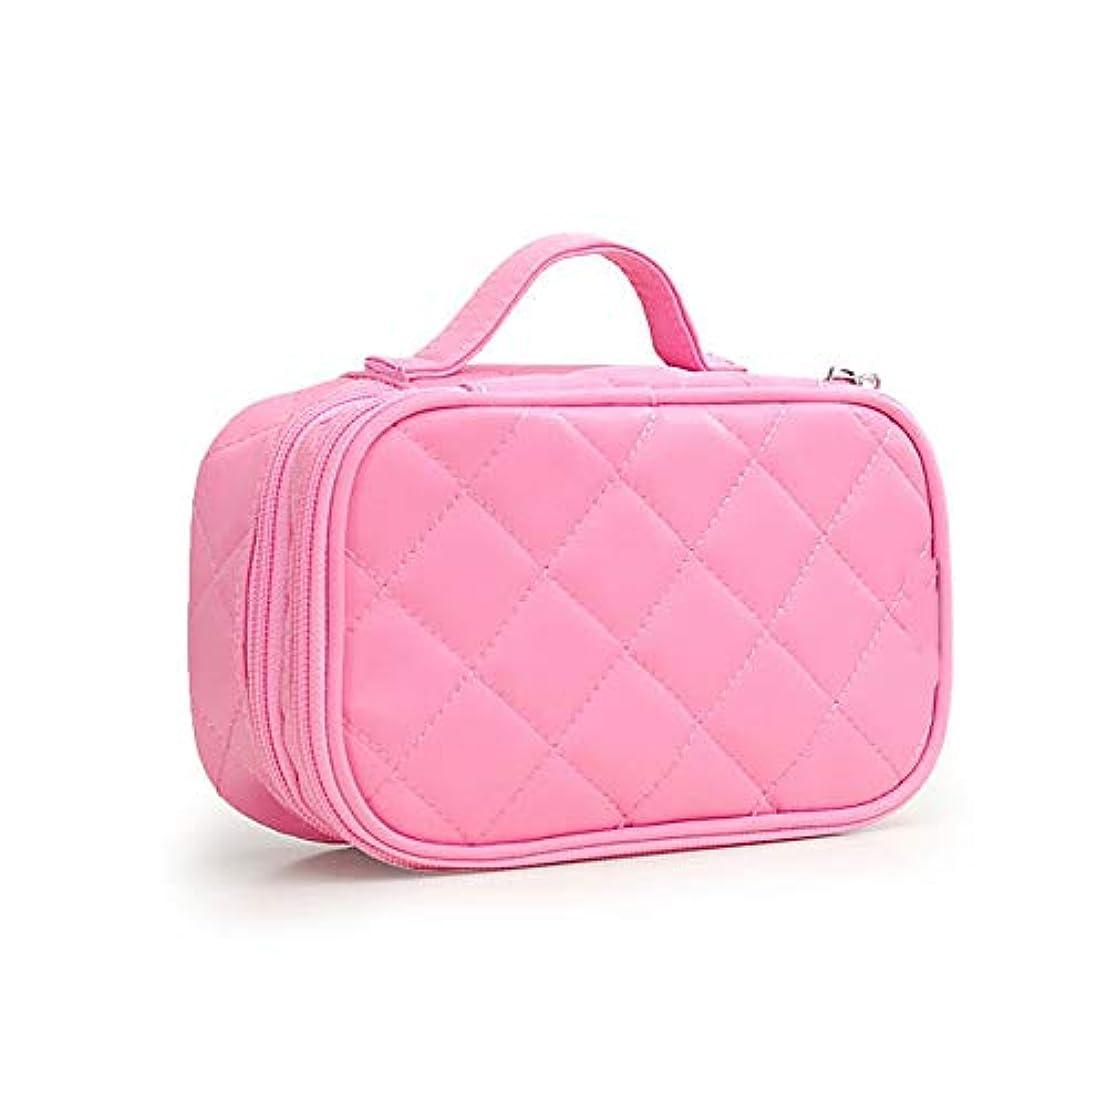 属性速い怪物化粧オーガナイザーバッグ 女性の化粧品バッグのポータブル韓国語バージョン創造的な ナイロン防水洗浄バッグ。 化粧品ケース (色 : ピンク)